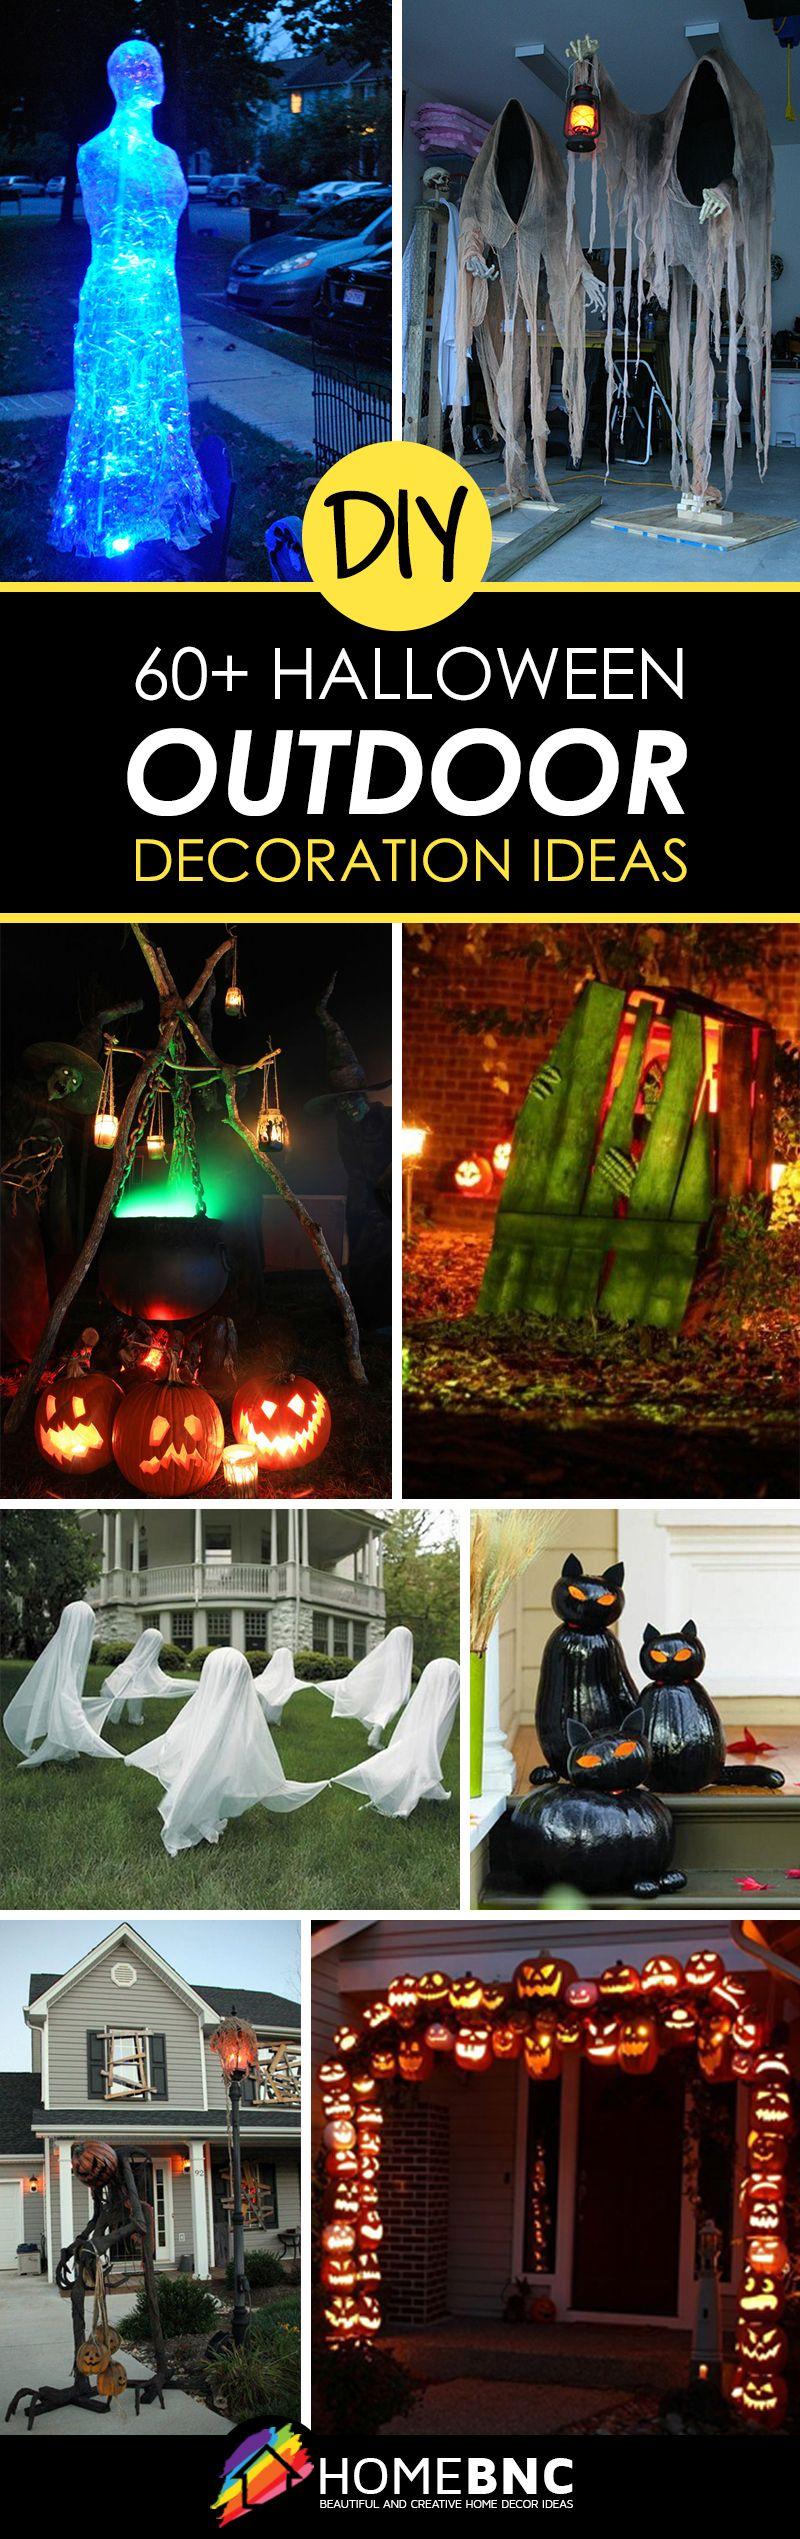 64 Best DIY Halloween Outdoor Decorations For 2017 👻